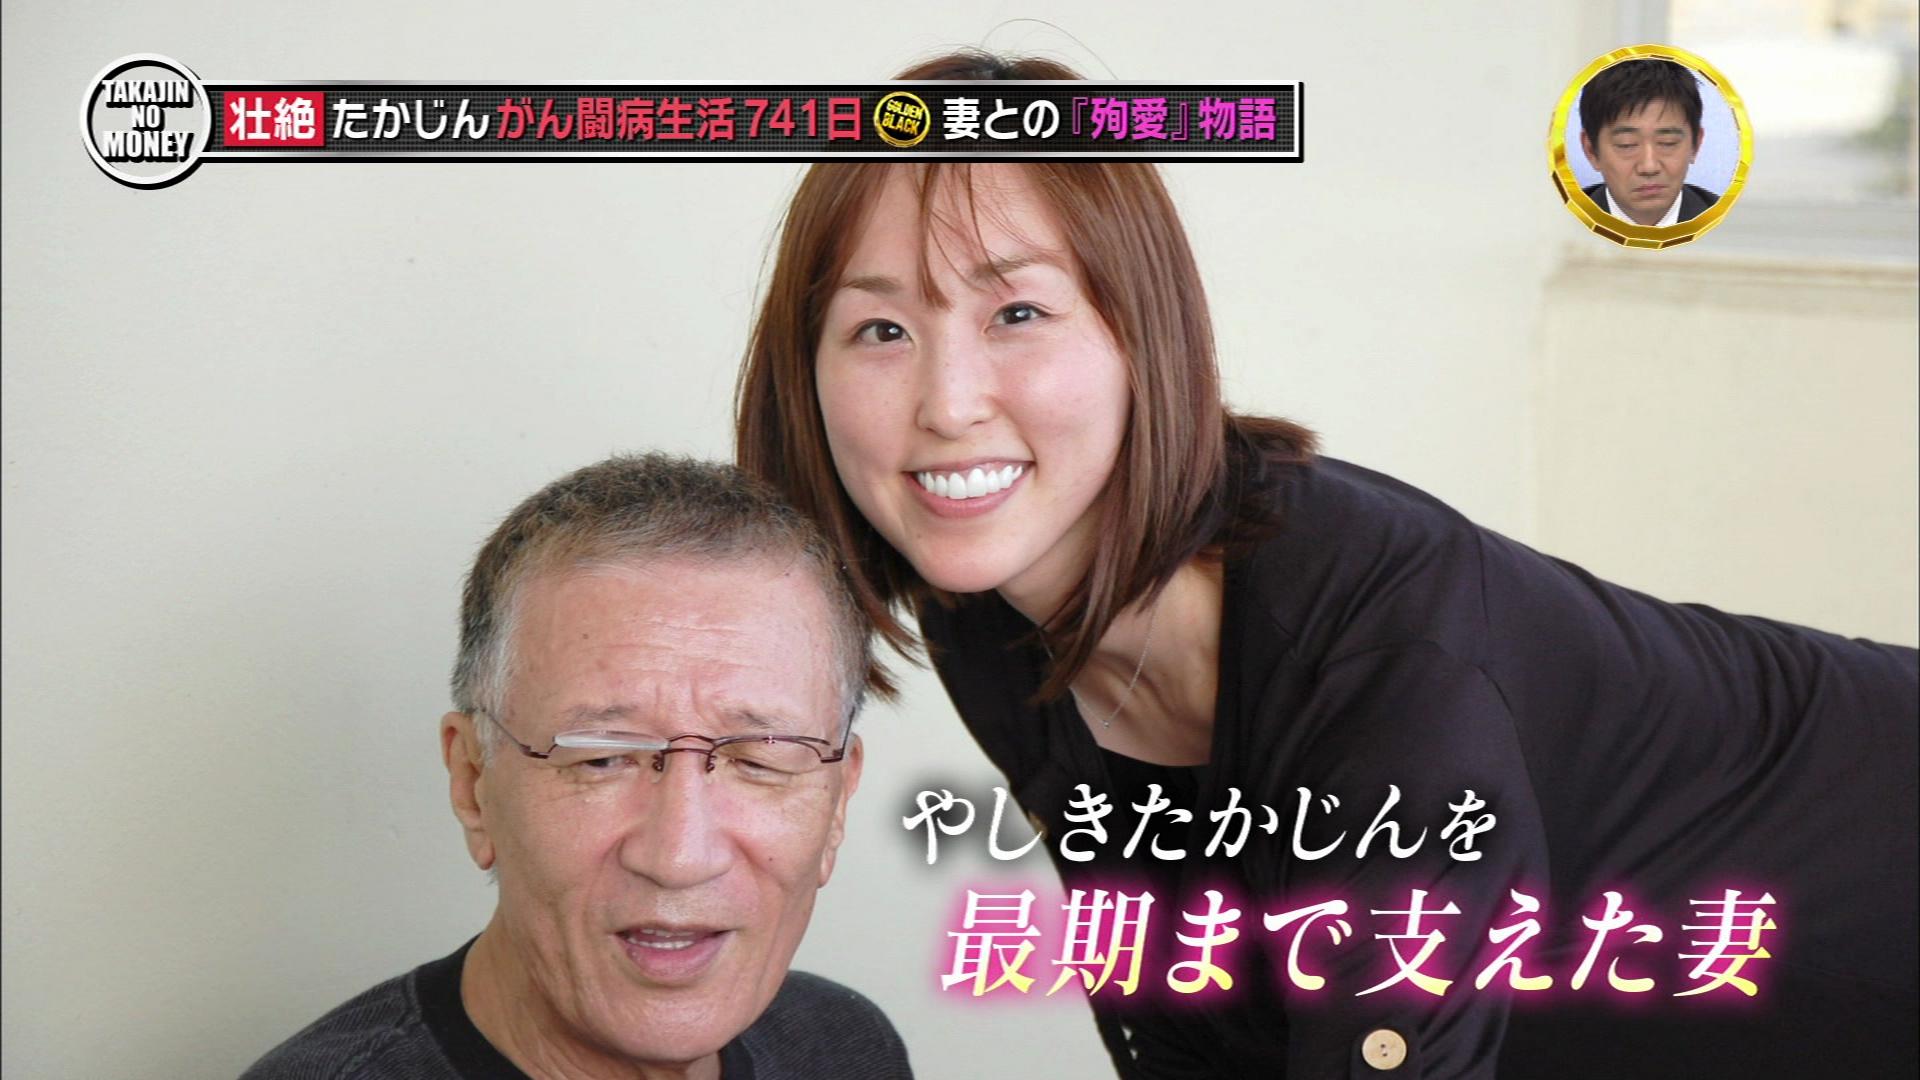 高倉健さん養女 健さん個人事務所の金目のモノを持ち出した